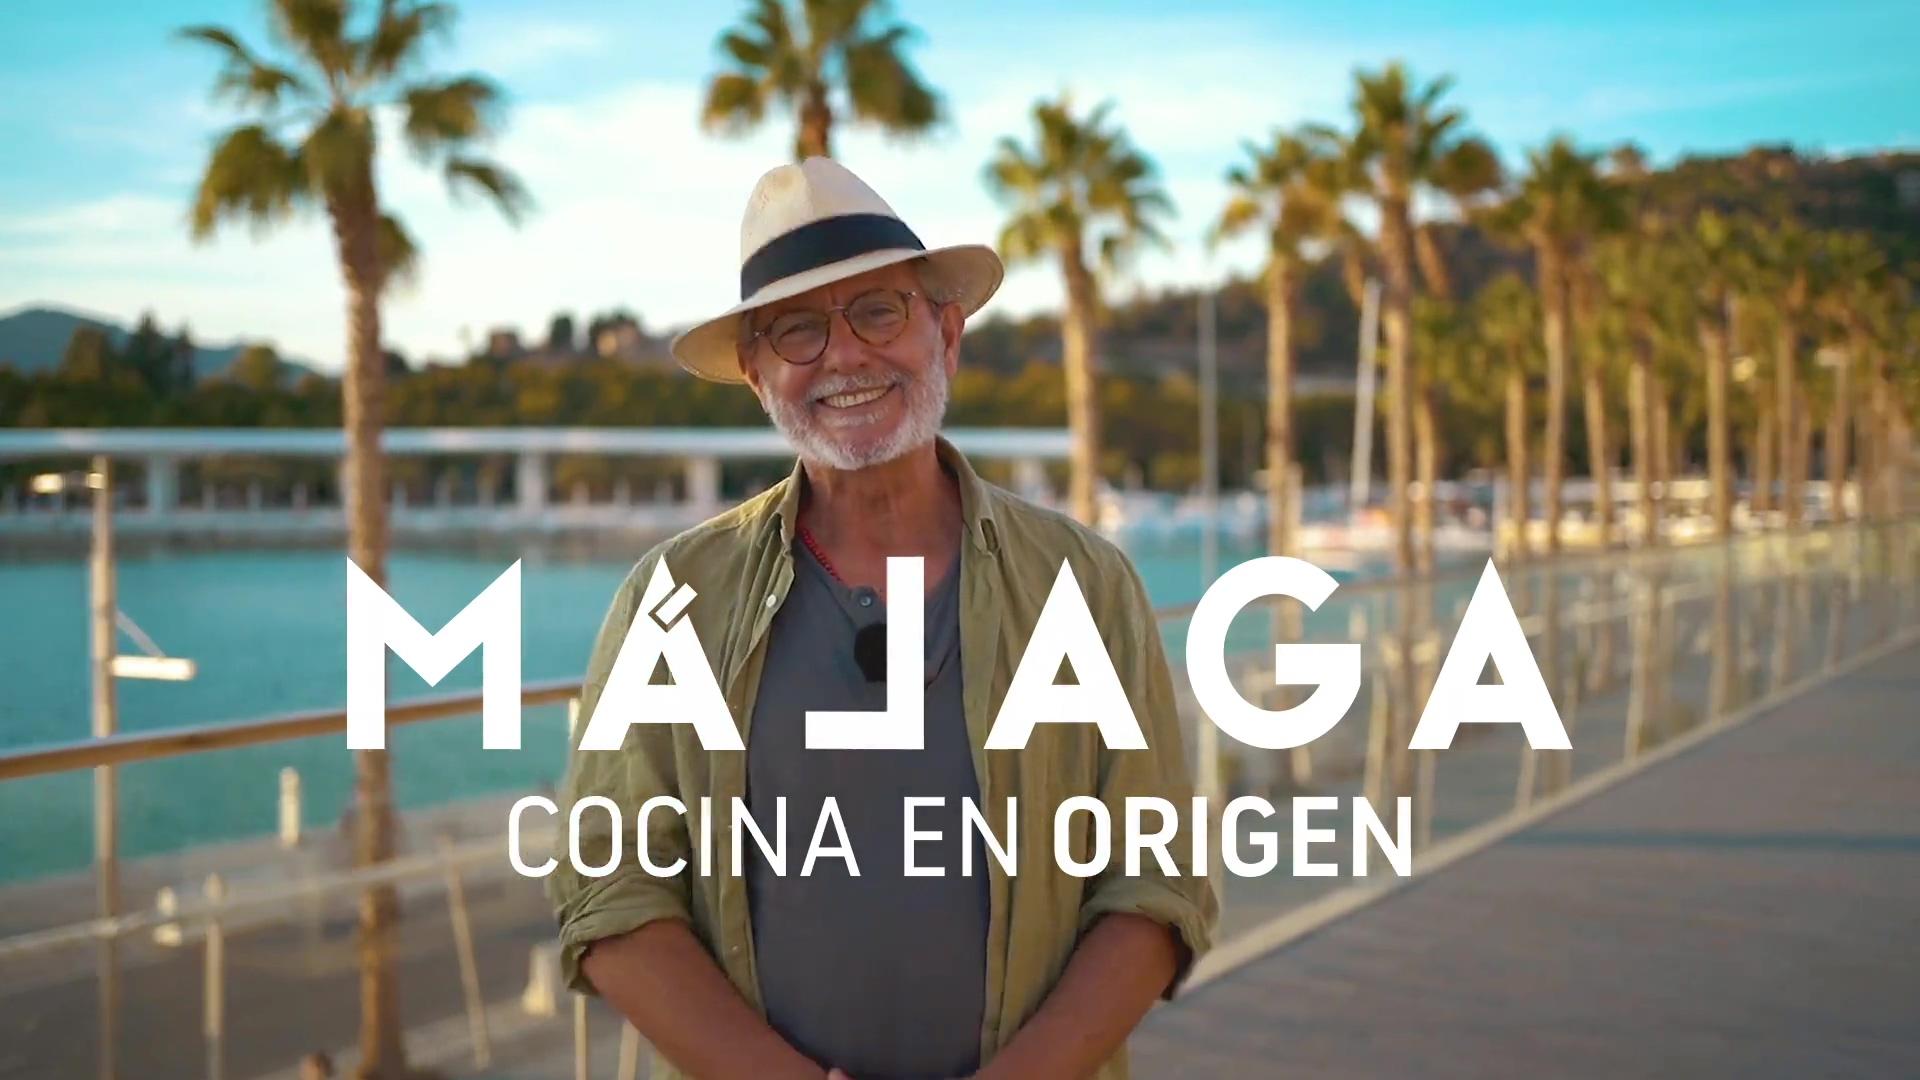 MALAGA - MALAGA COCINA EN ORIGEN